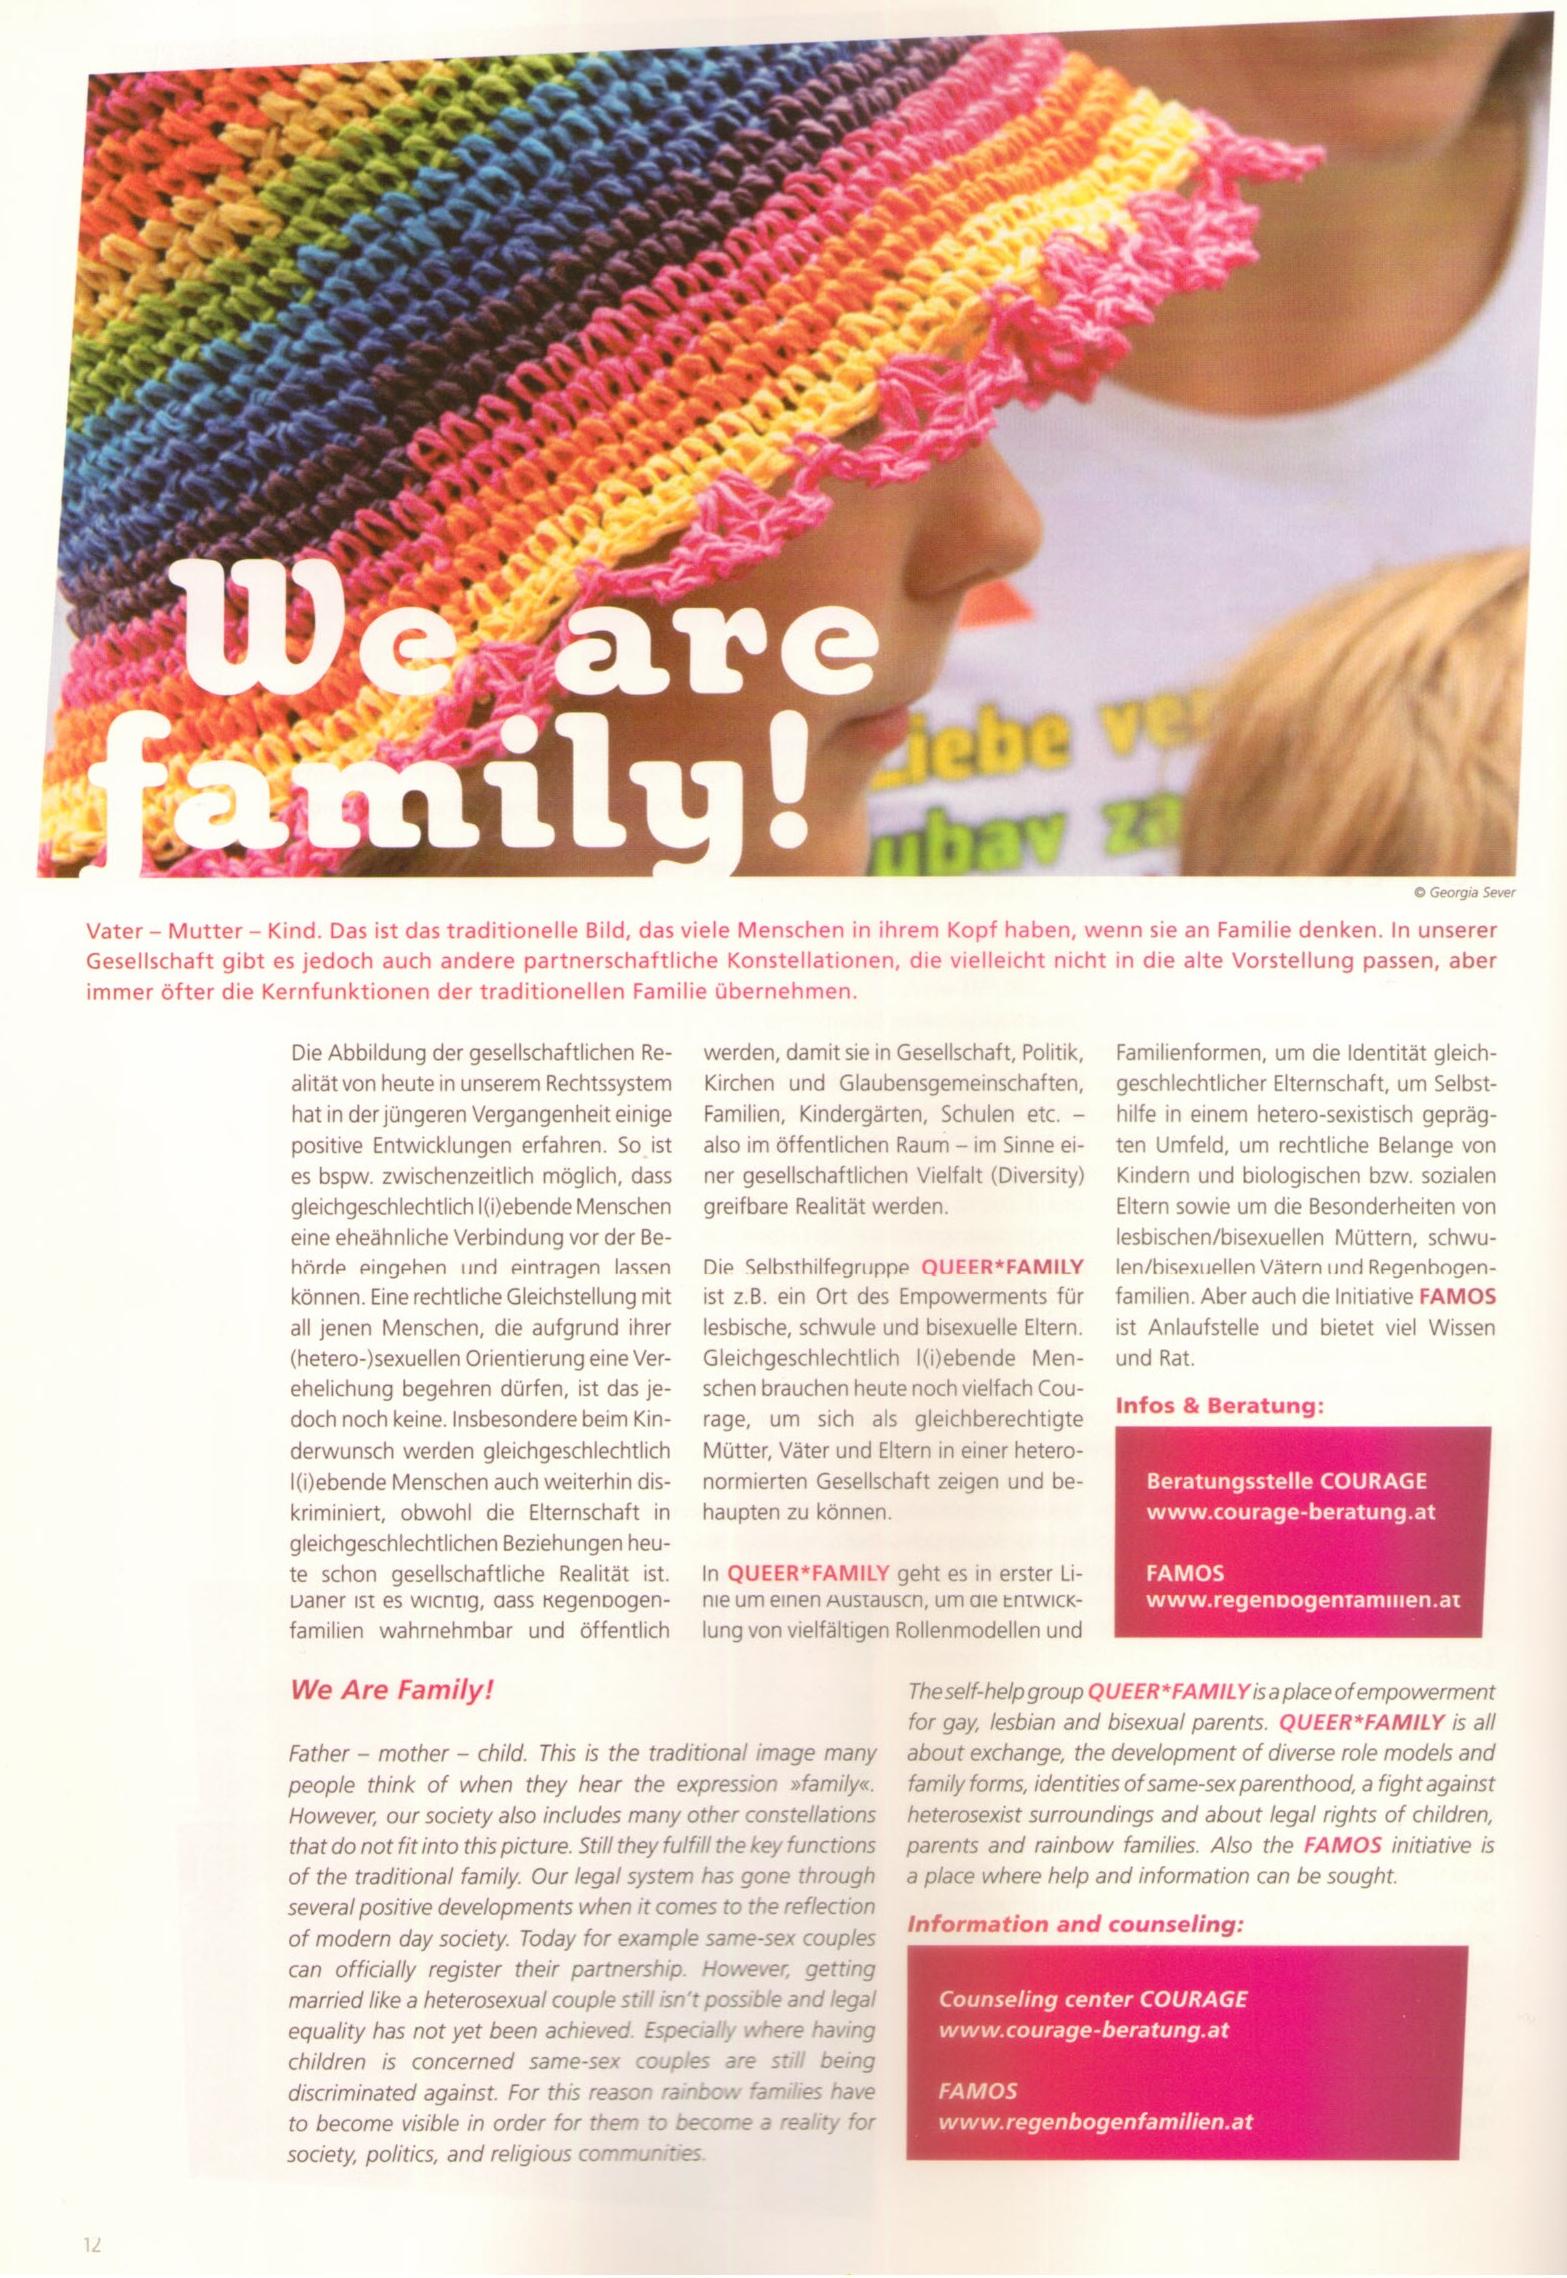 IVF Zentrum KinderWunschKlinik Wels, Österreich - ein erster Eindruck ...